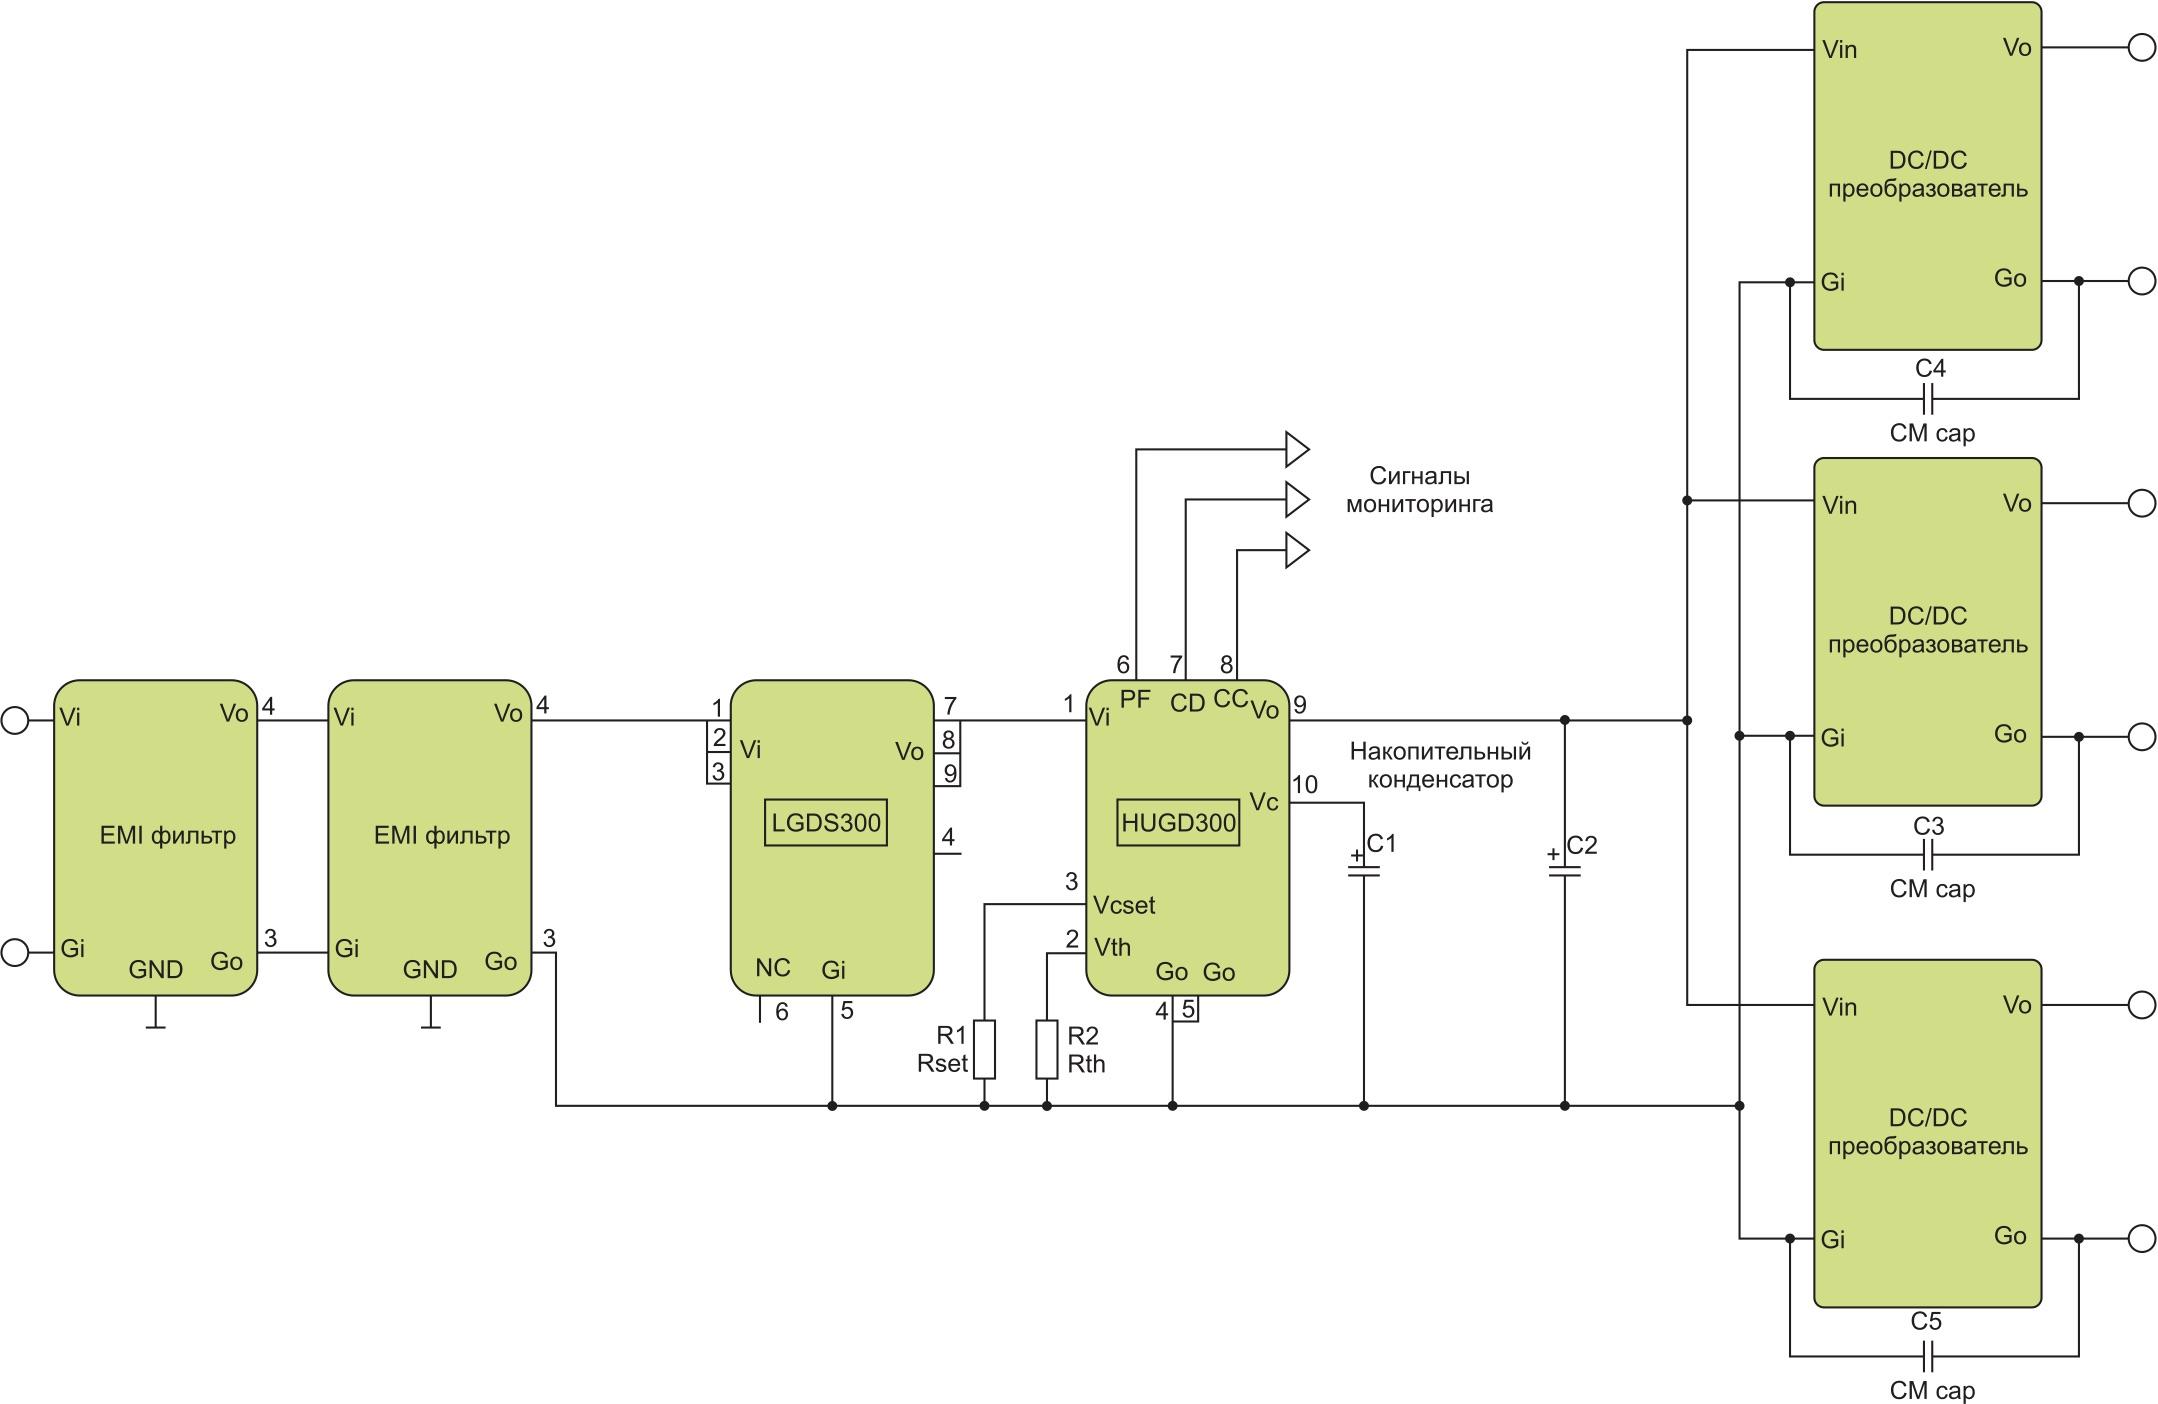 Типовая архитектура источника питания военного/авиационного применения, построенного на основе модулей компании GAIA Converter